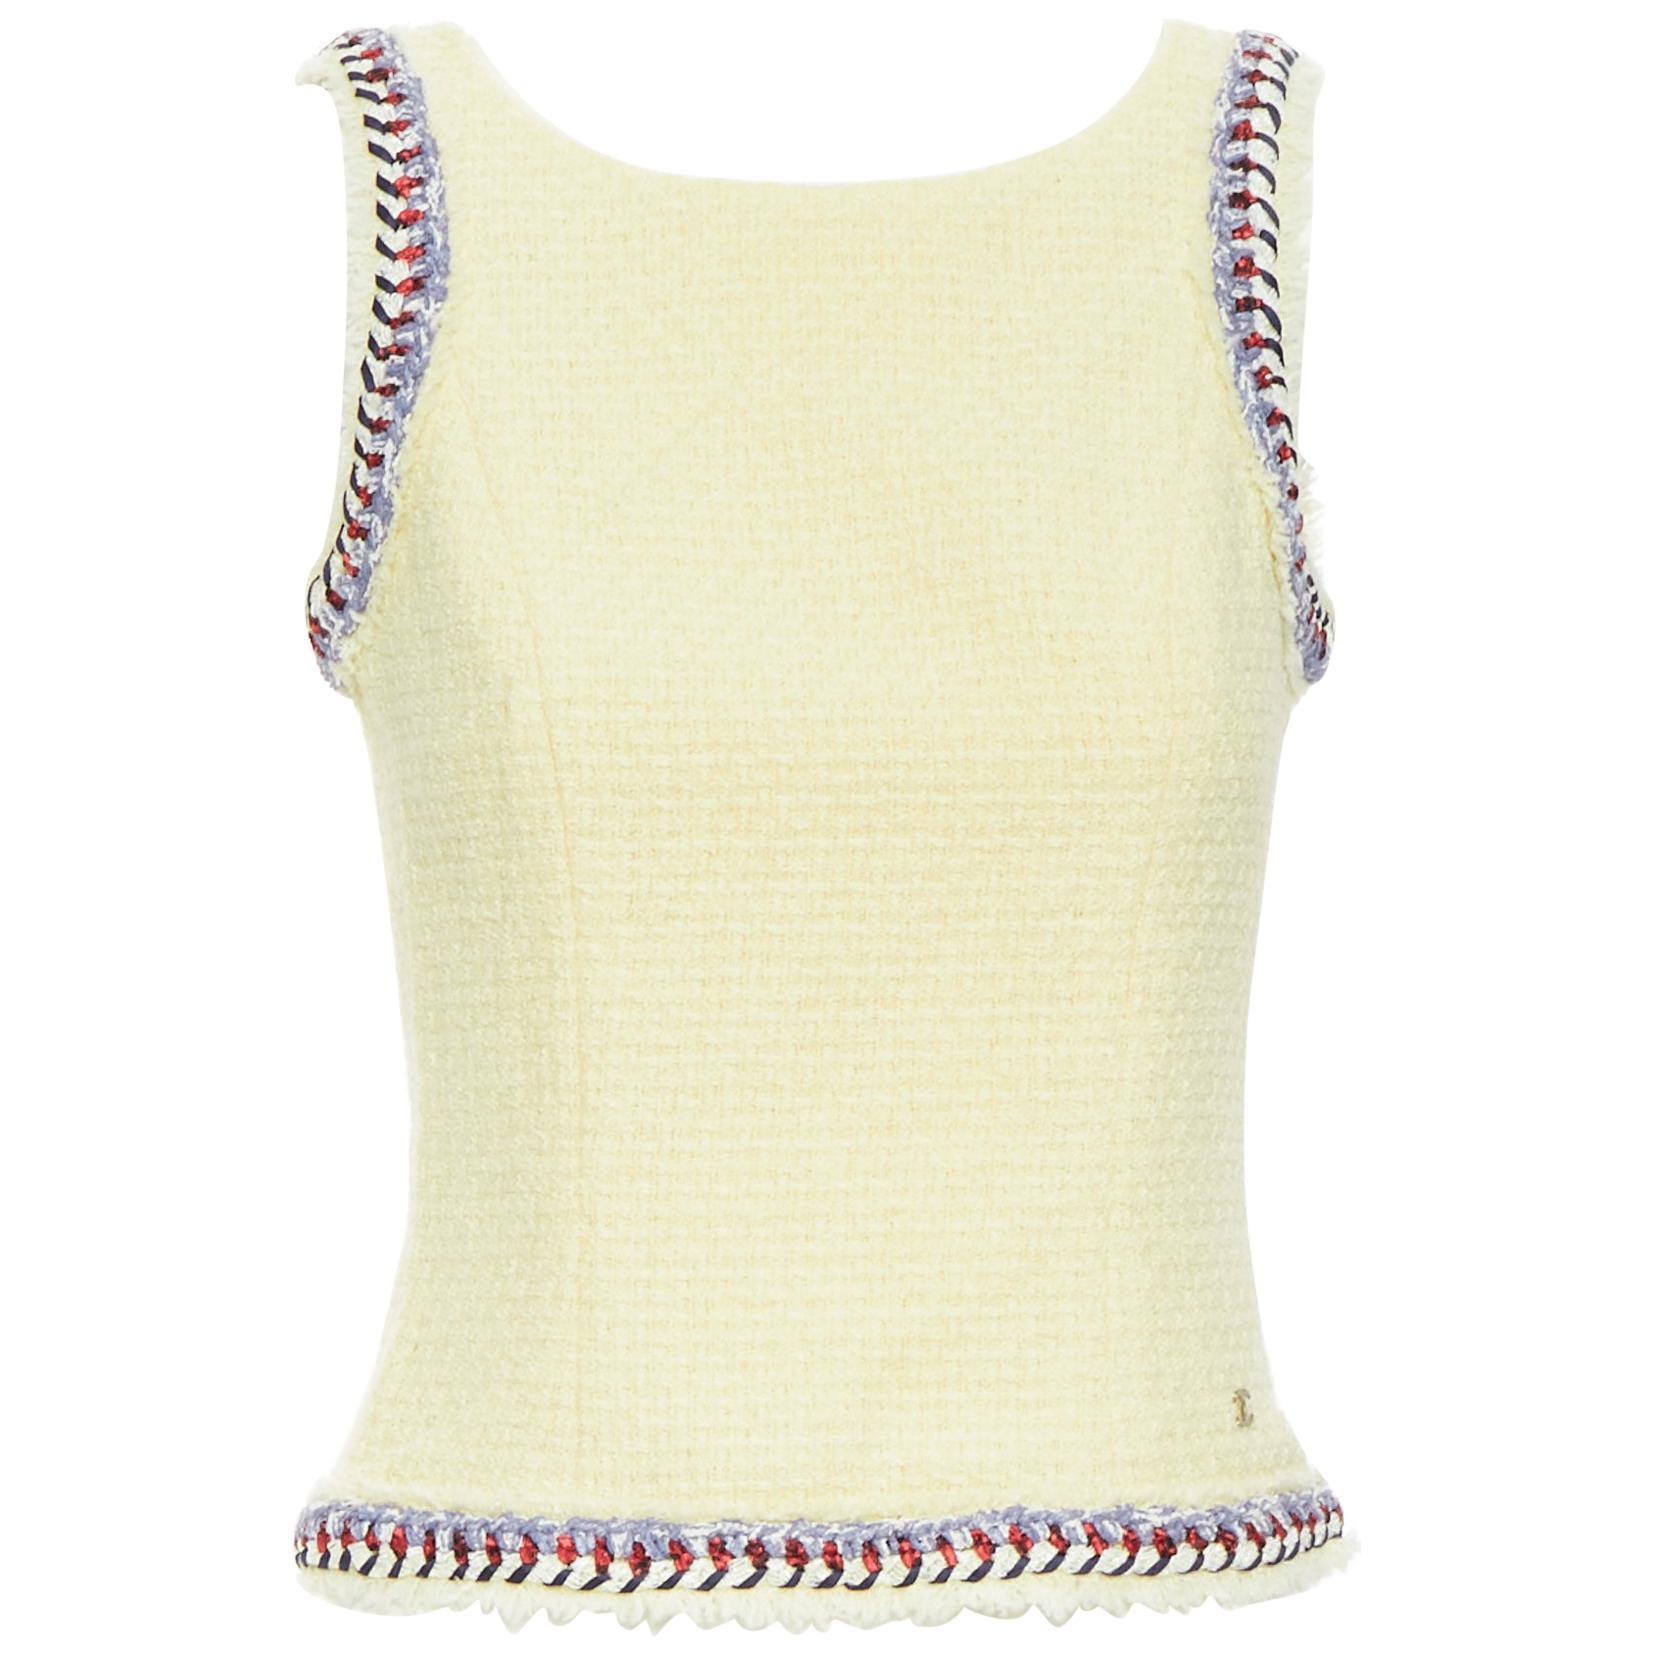 CHANEL ecru beige wool tweed blue braid trimming sleeveless vest top FR36